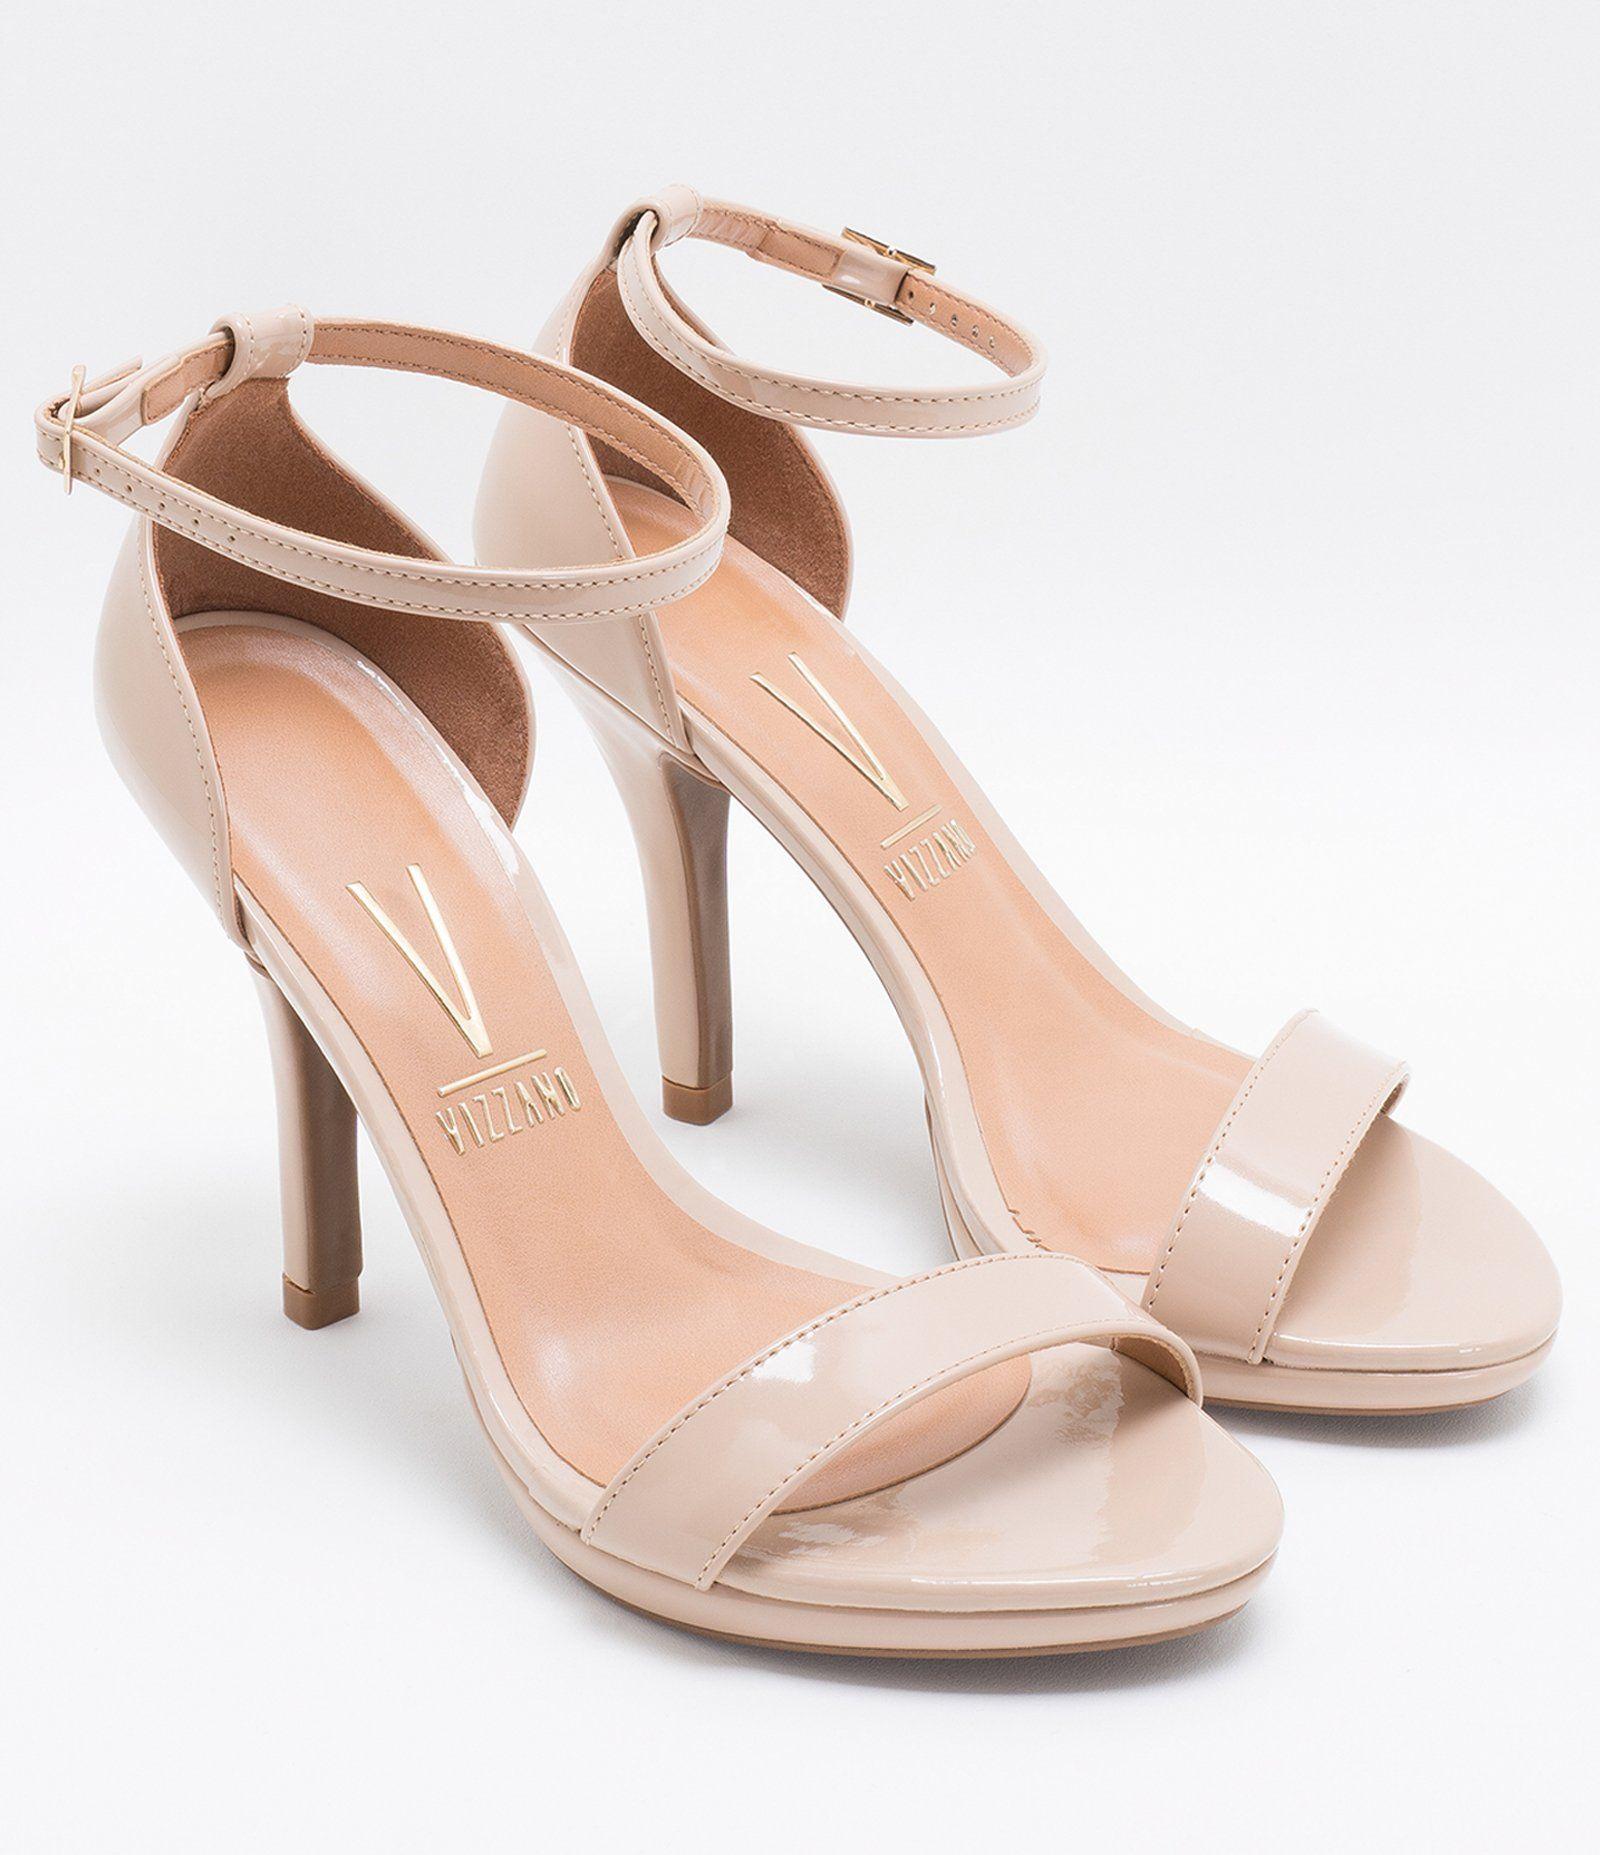 861df98018 Sandália feminina Material  sintético Com calcanhar fechado Marca  Vizzano  Com tornozeleira Salto alto Altura